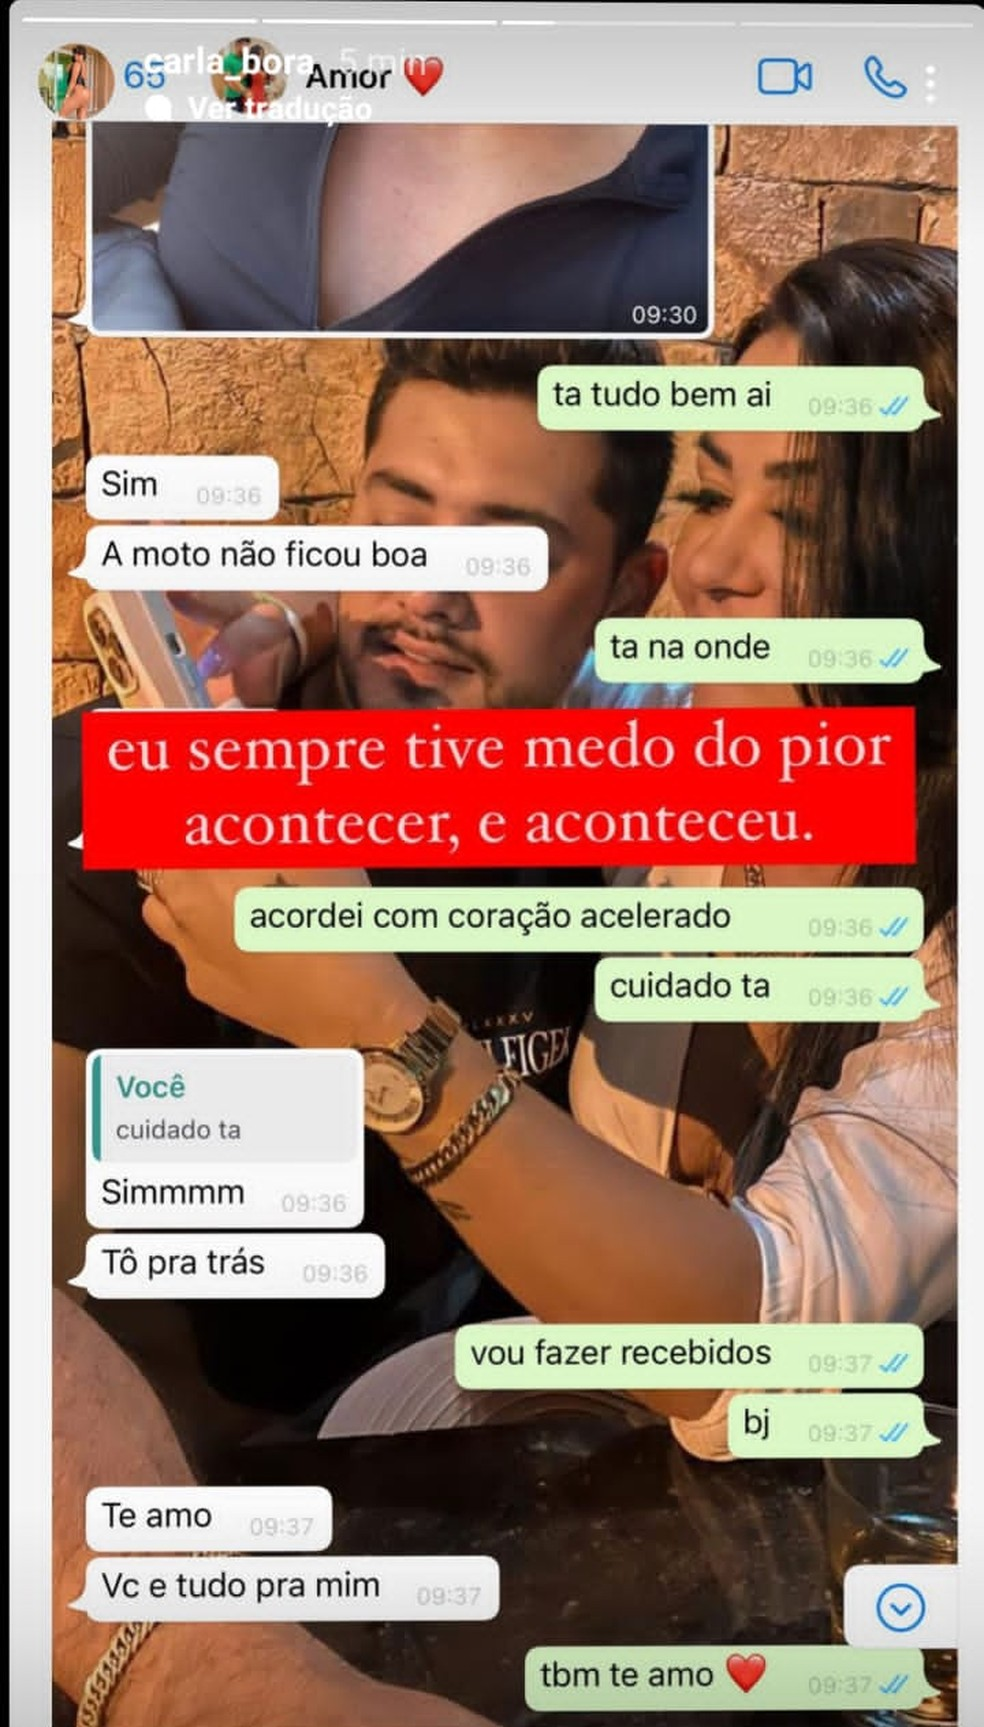 Últimas mensagens trocadas entre Rogerinho e Carla Bora — Foto: Instagram/Reprodução